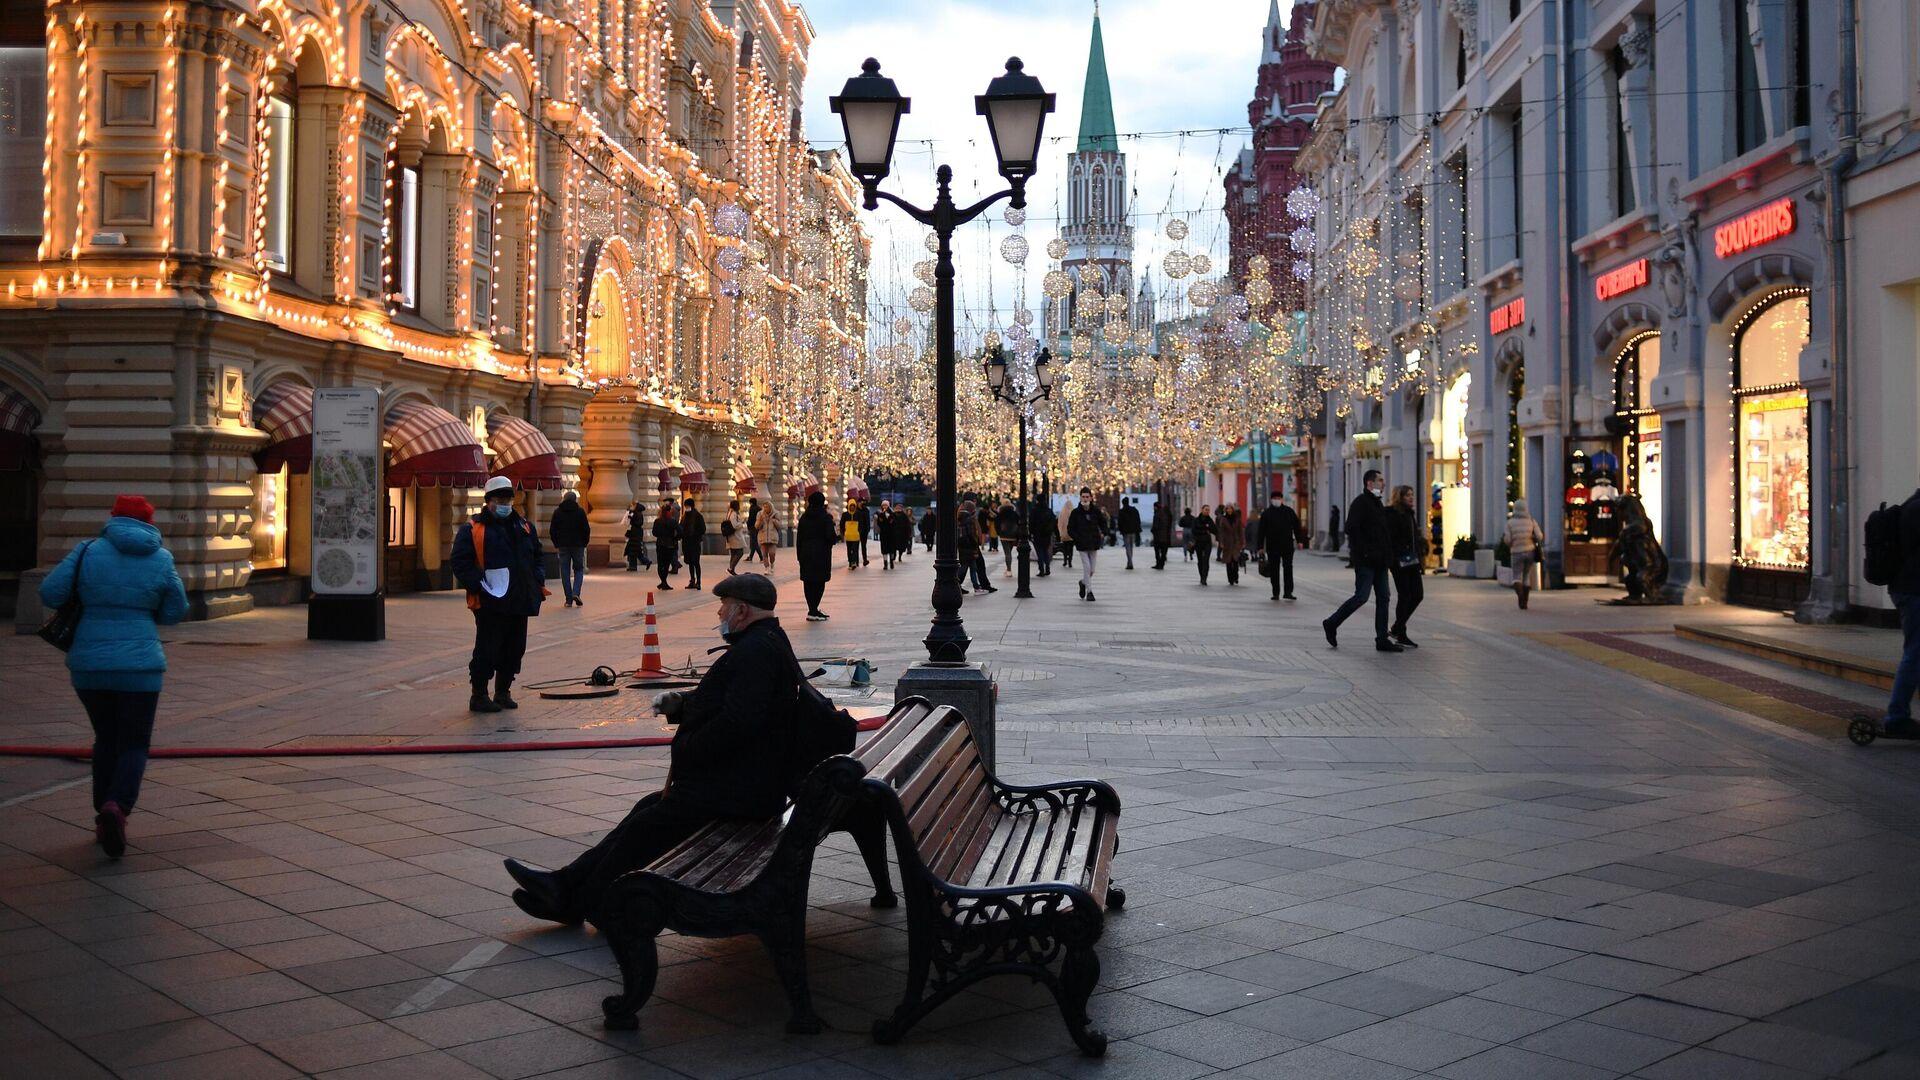 Никольская улица в Москве - РИА Новости, 1920, 28.12.2020